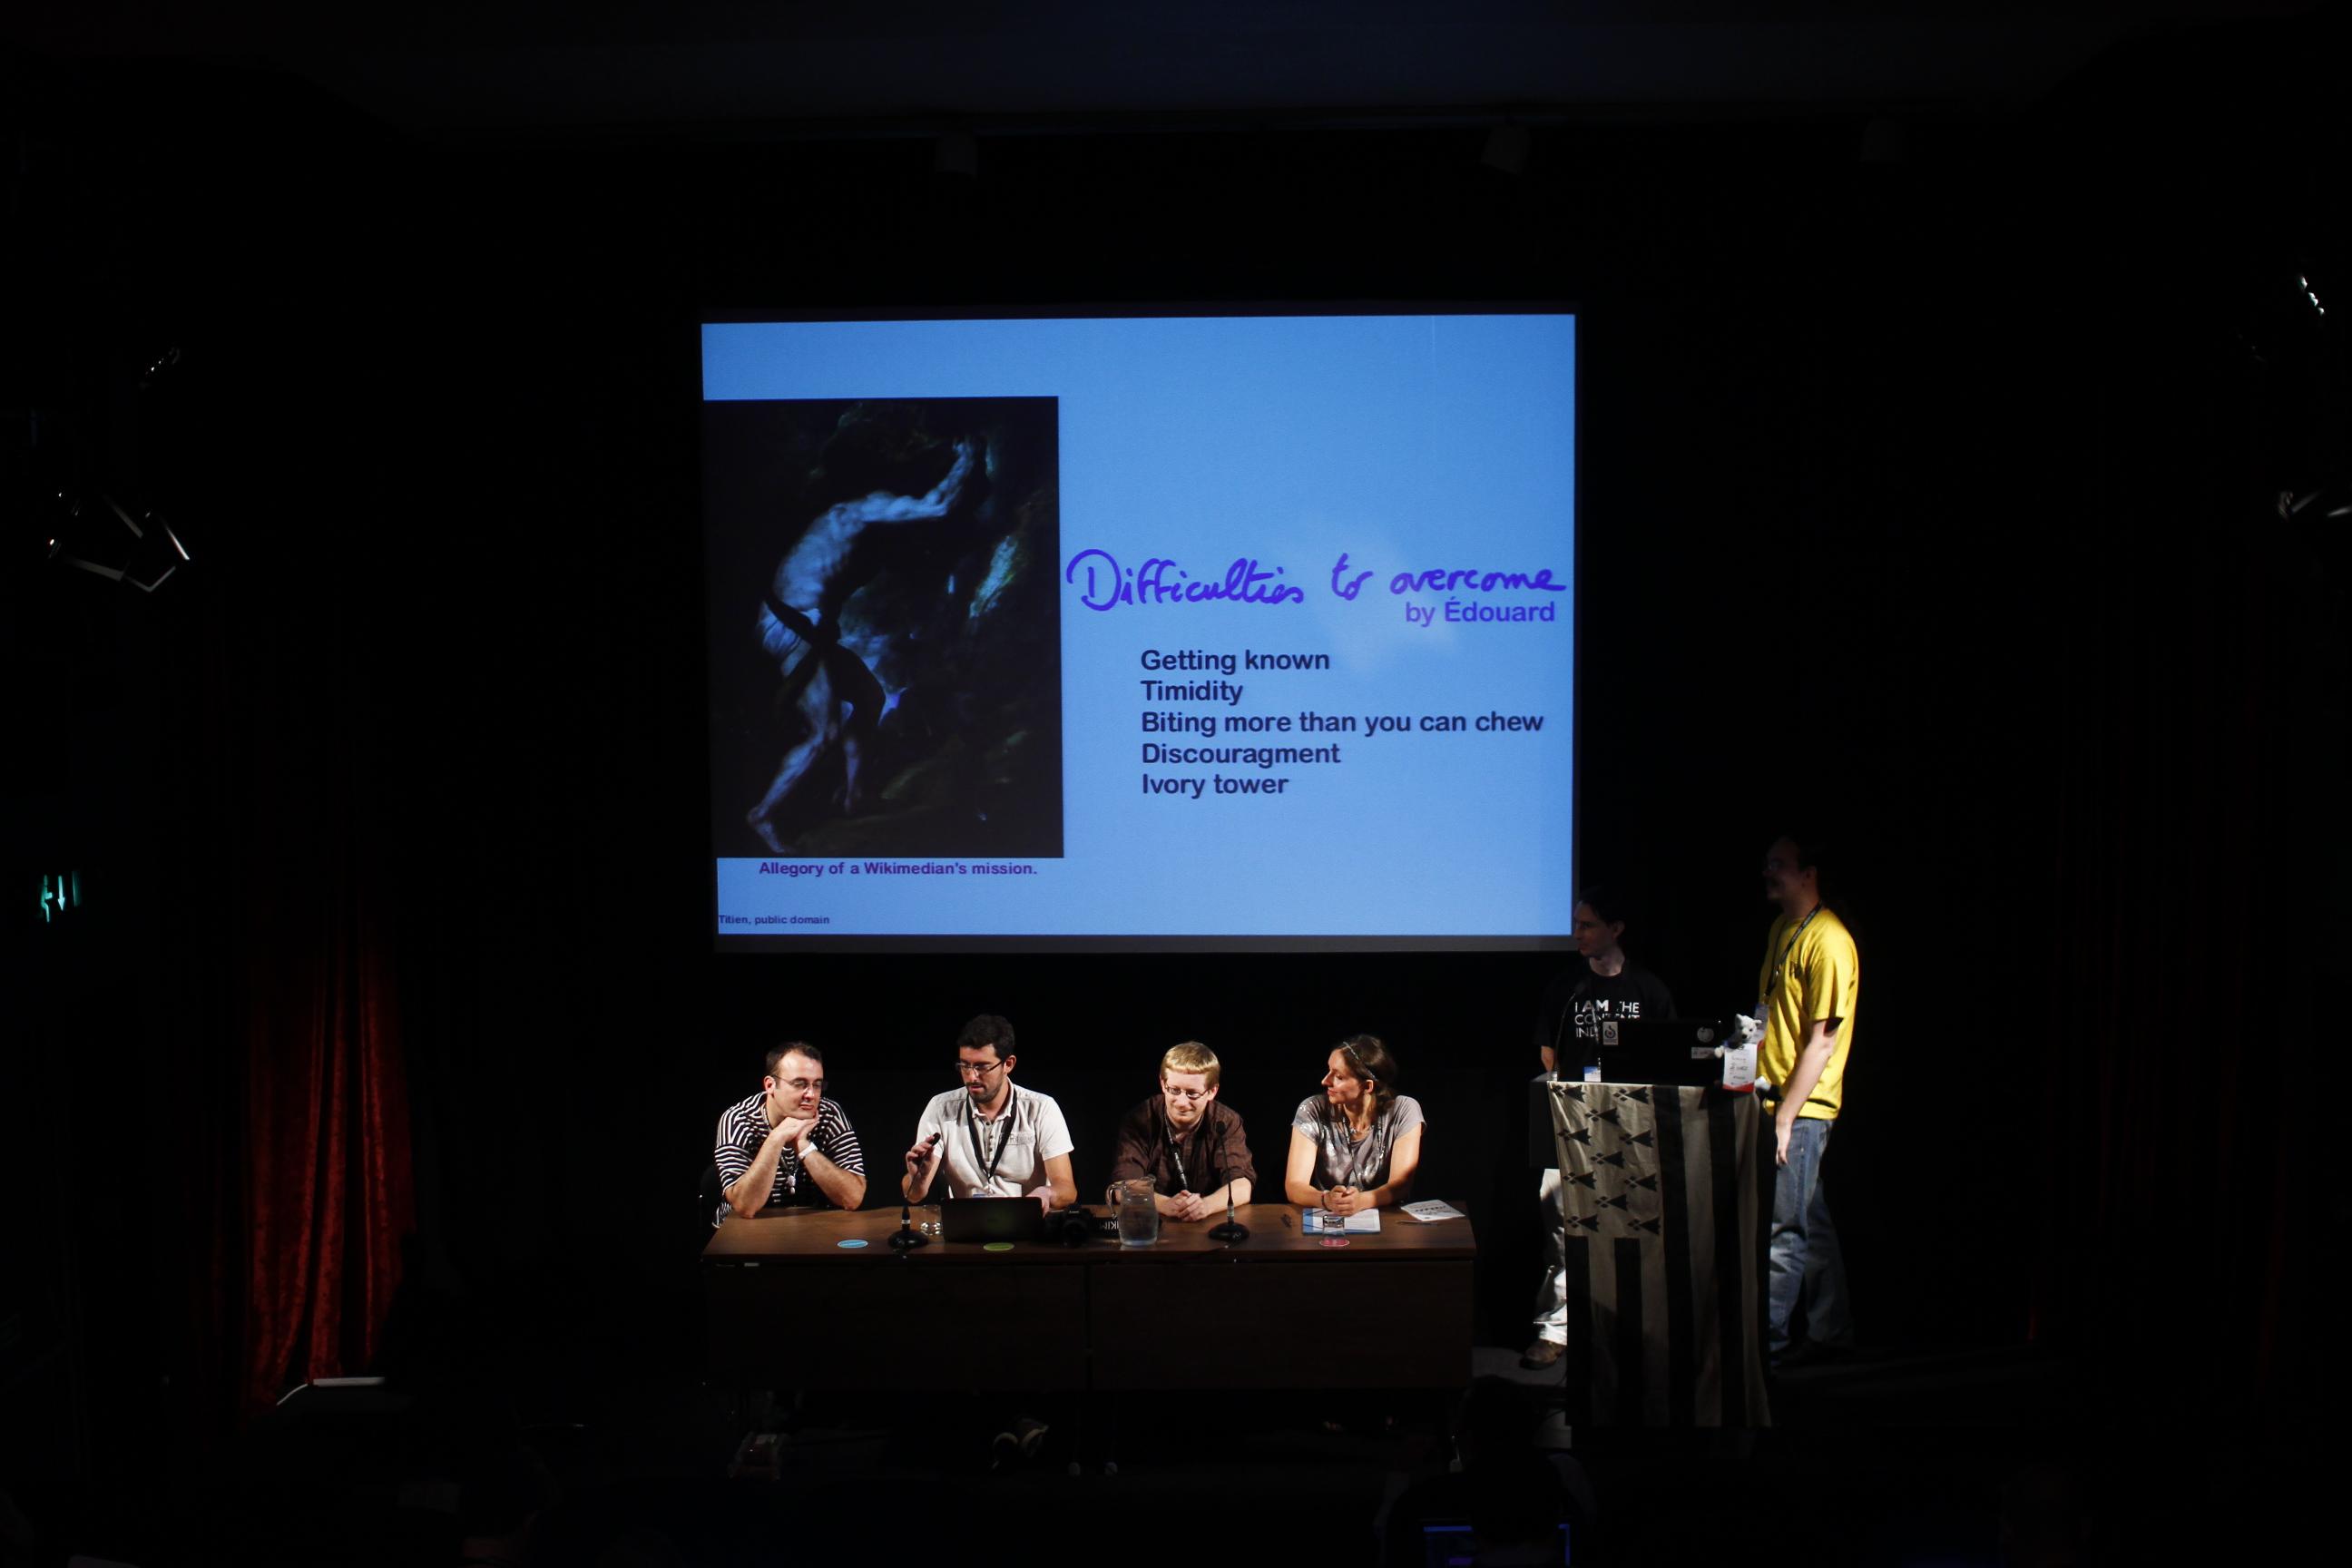 """La NCO présente """"Cabal for dummies"""" à la Wikimania 2014 - PierreSelim - CC BY 3.0"""